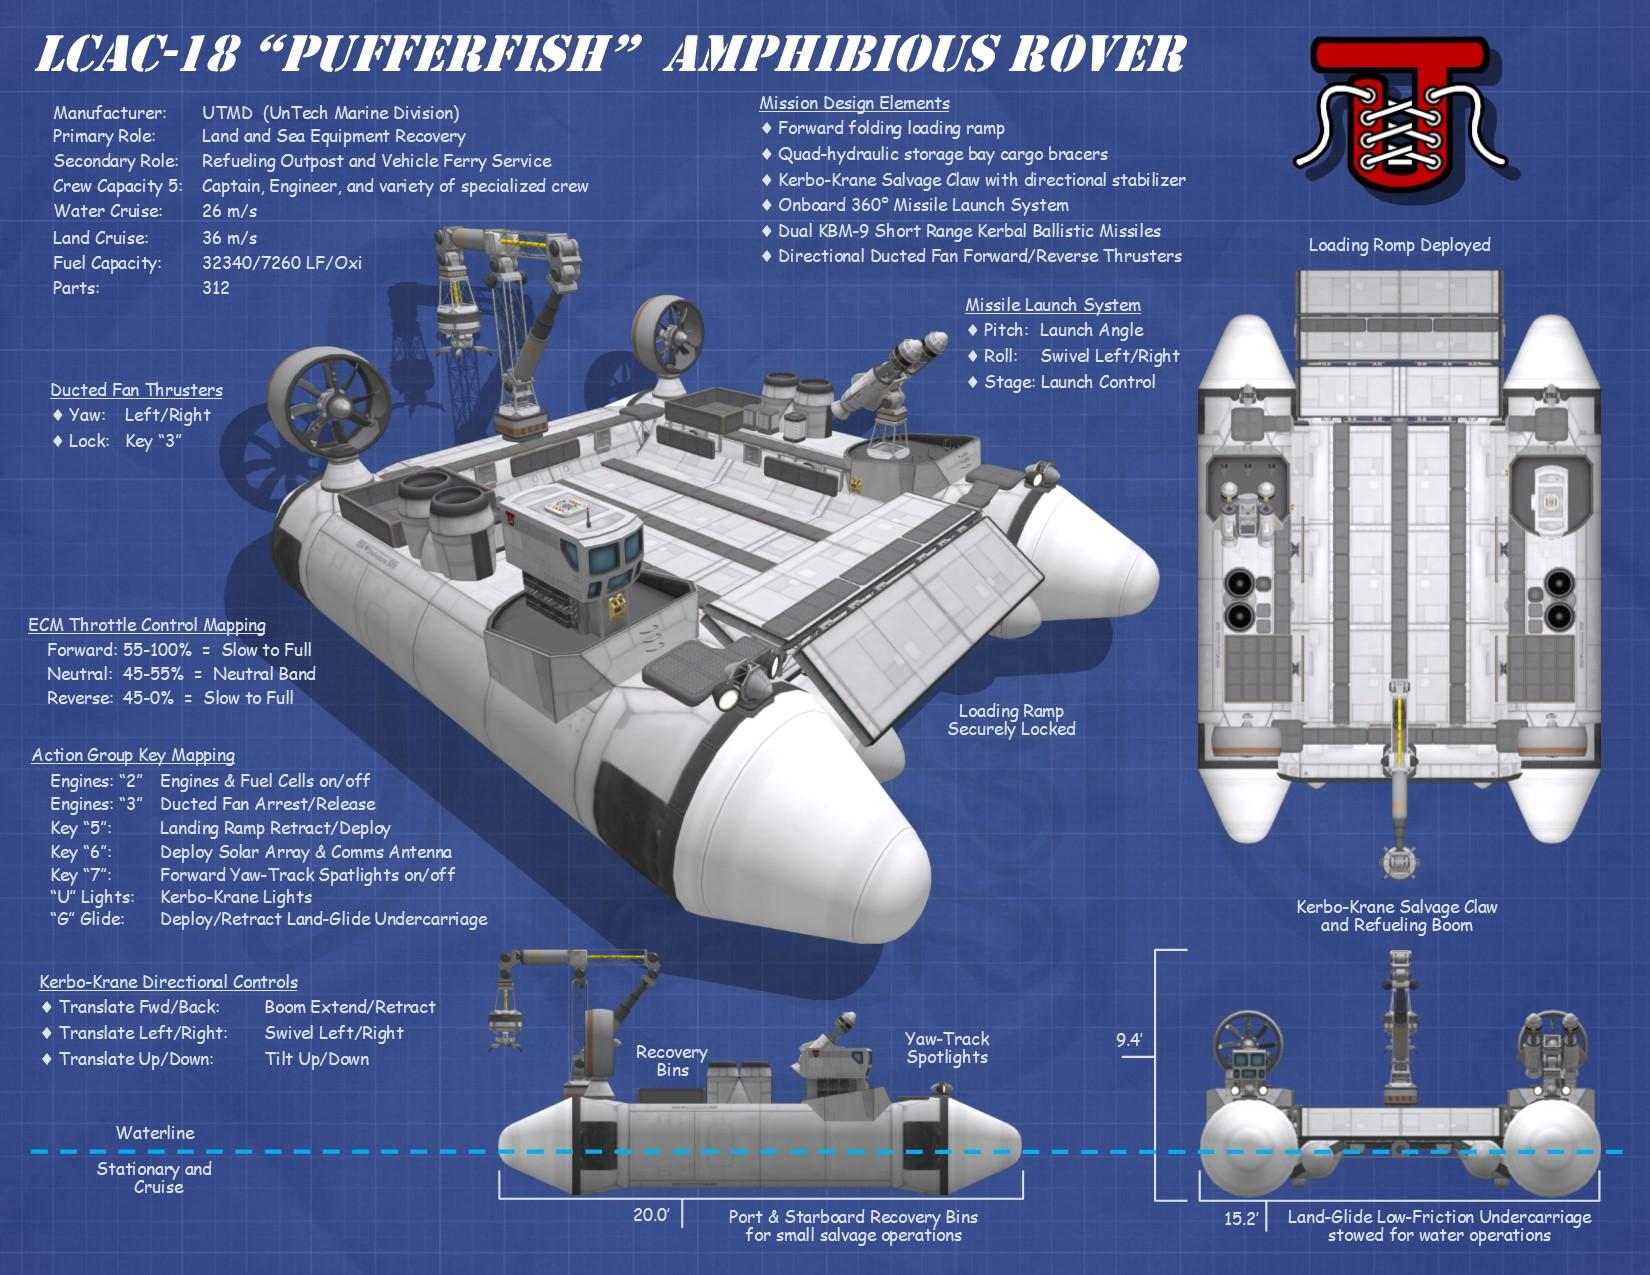 LCAC-18_Pufferfish.jpg